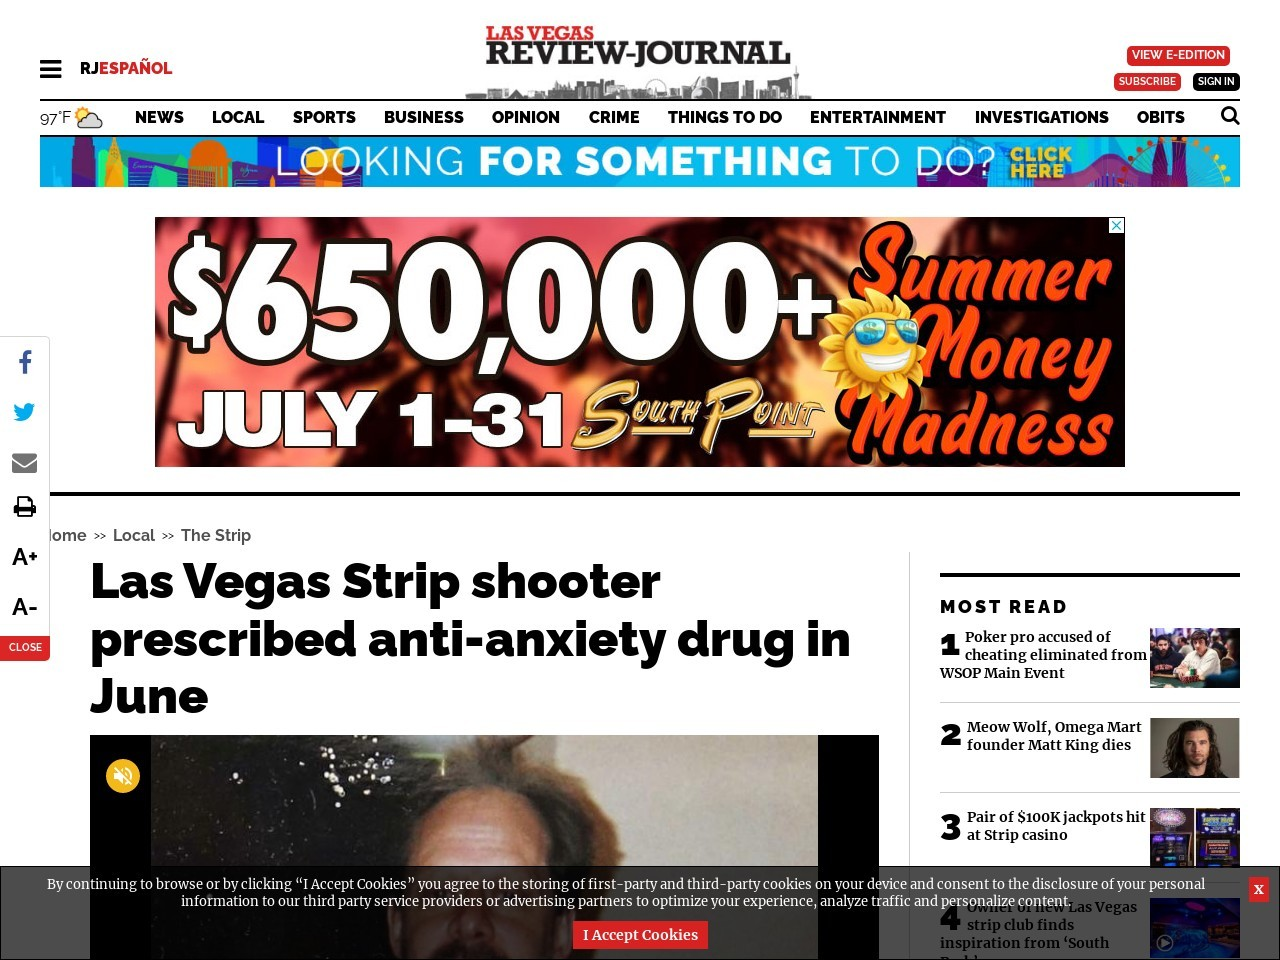 Las Vegas Strip shooter prescribed anti-anxiety drug in June